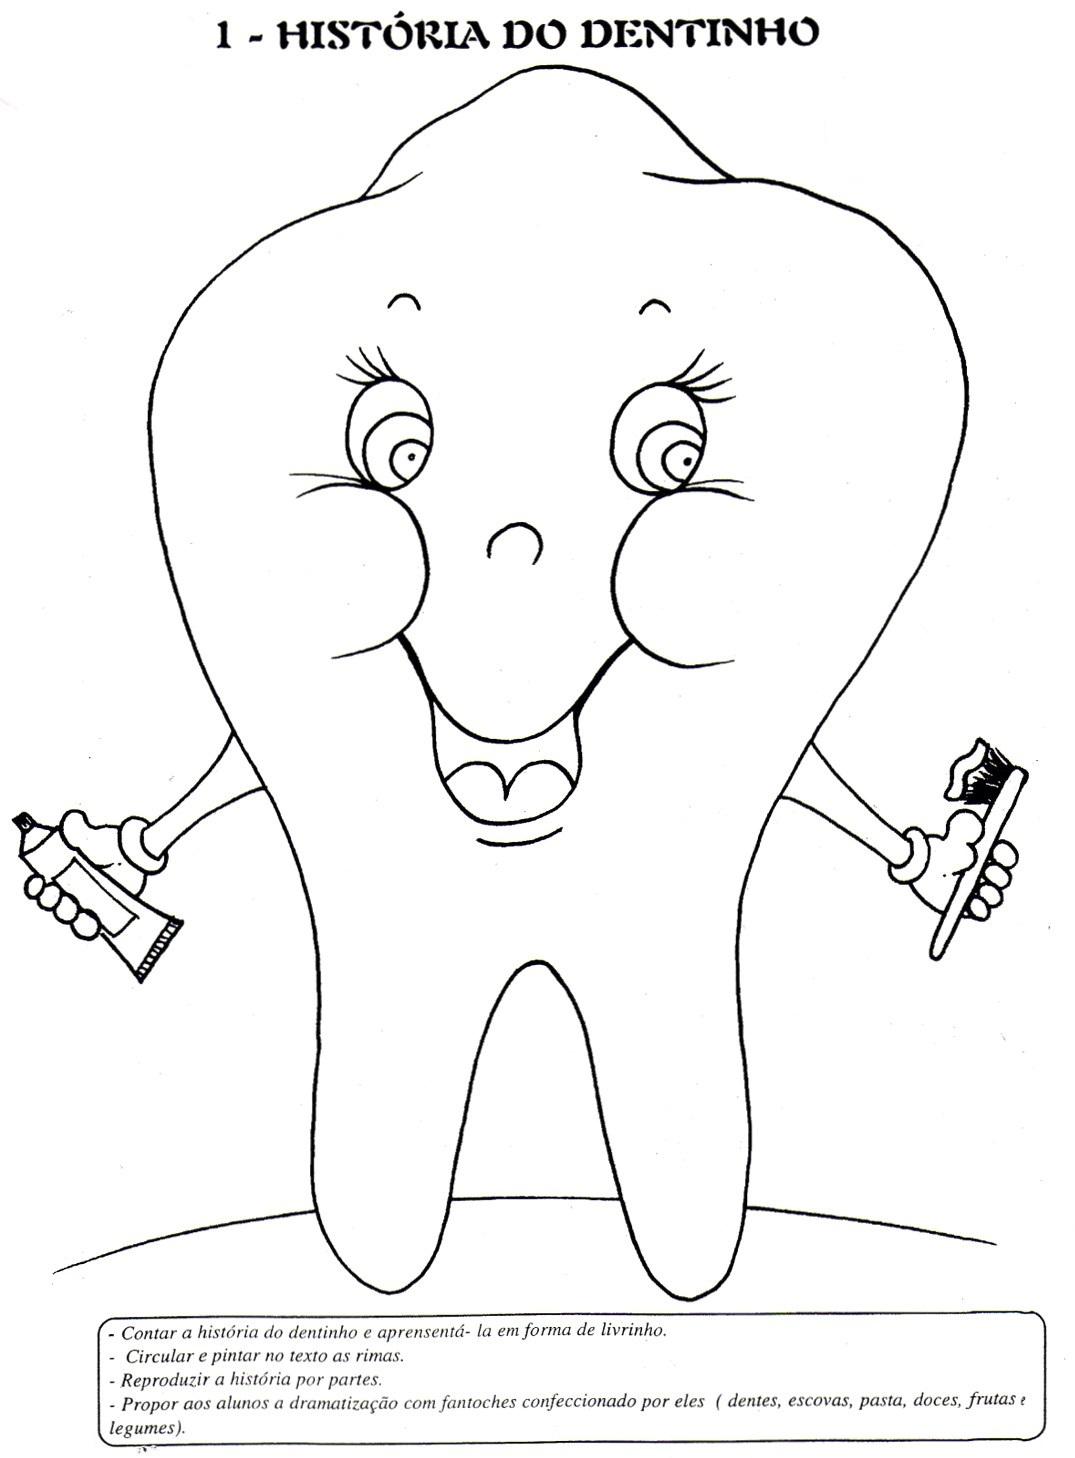 Populares ESPAÇO EDUCAR: Atividade sobre higiene: A história do dentinho  MB49